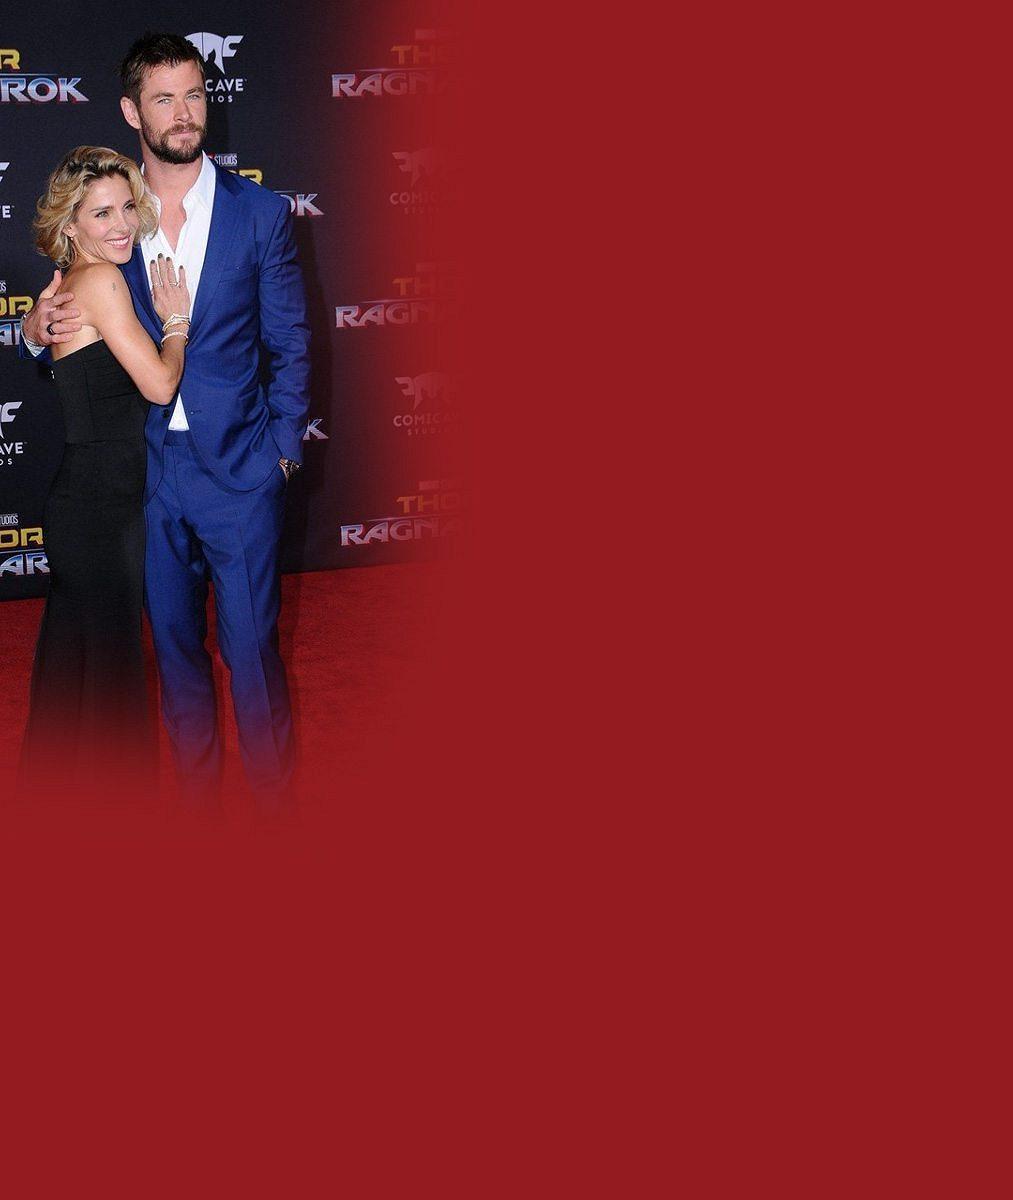 Náhrada za Brangelinu? Na červeném koberci je nejkrásnější pohled na herecký pár, který od sebe dělí 30 centimetrů